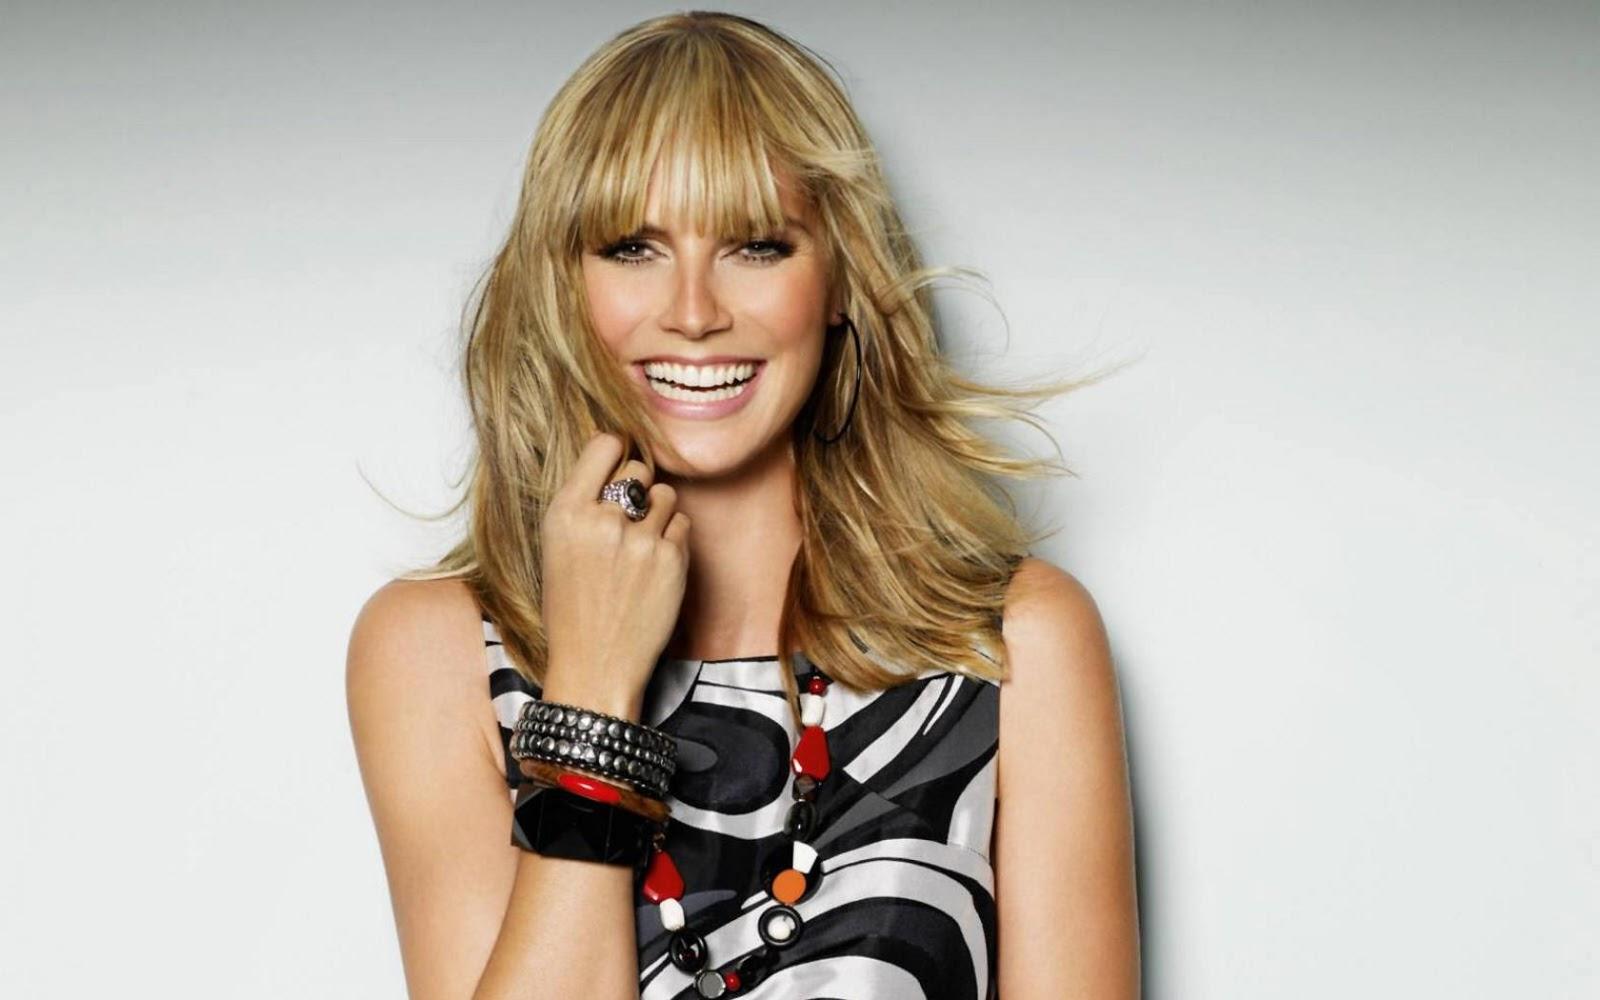 Heidi Klum: Heidi Klum Lovely New Hd Wallpapers 2013